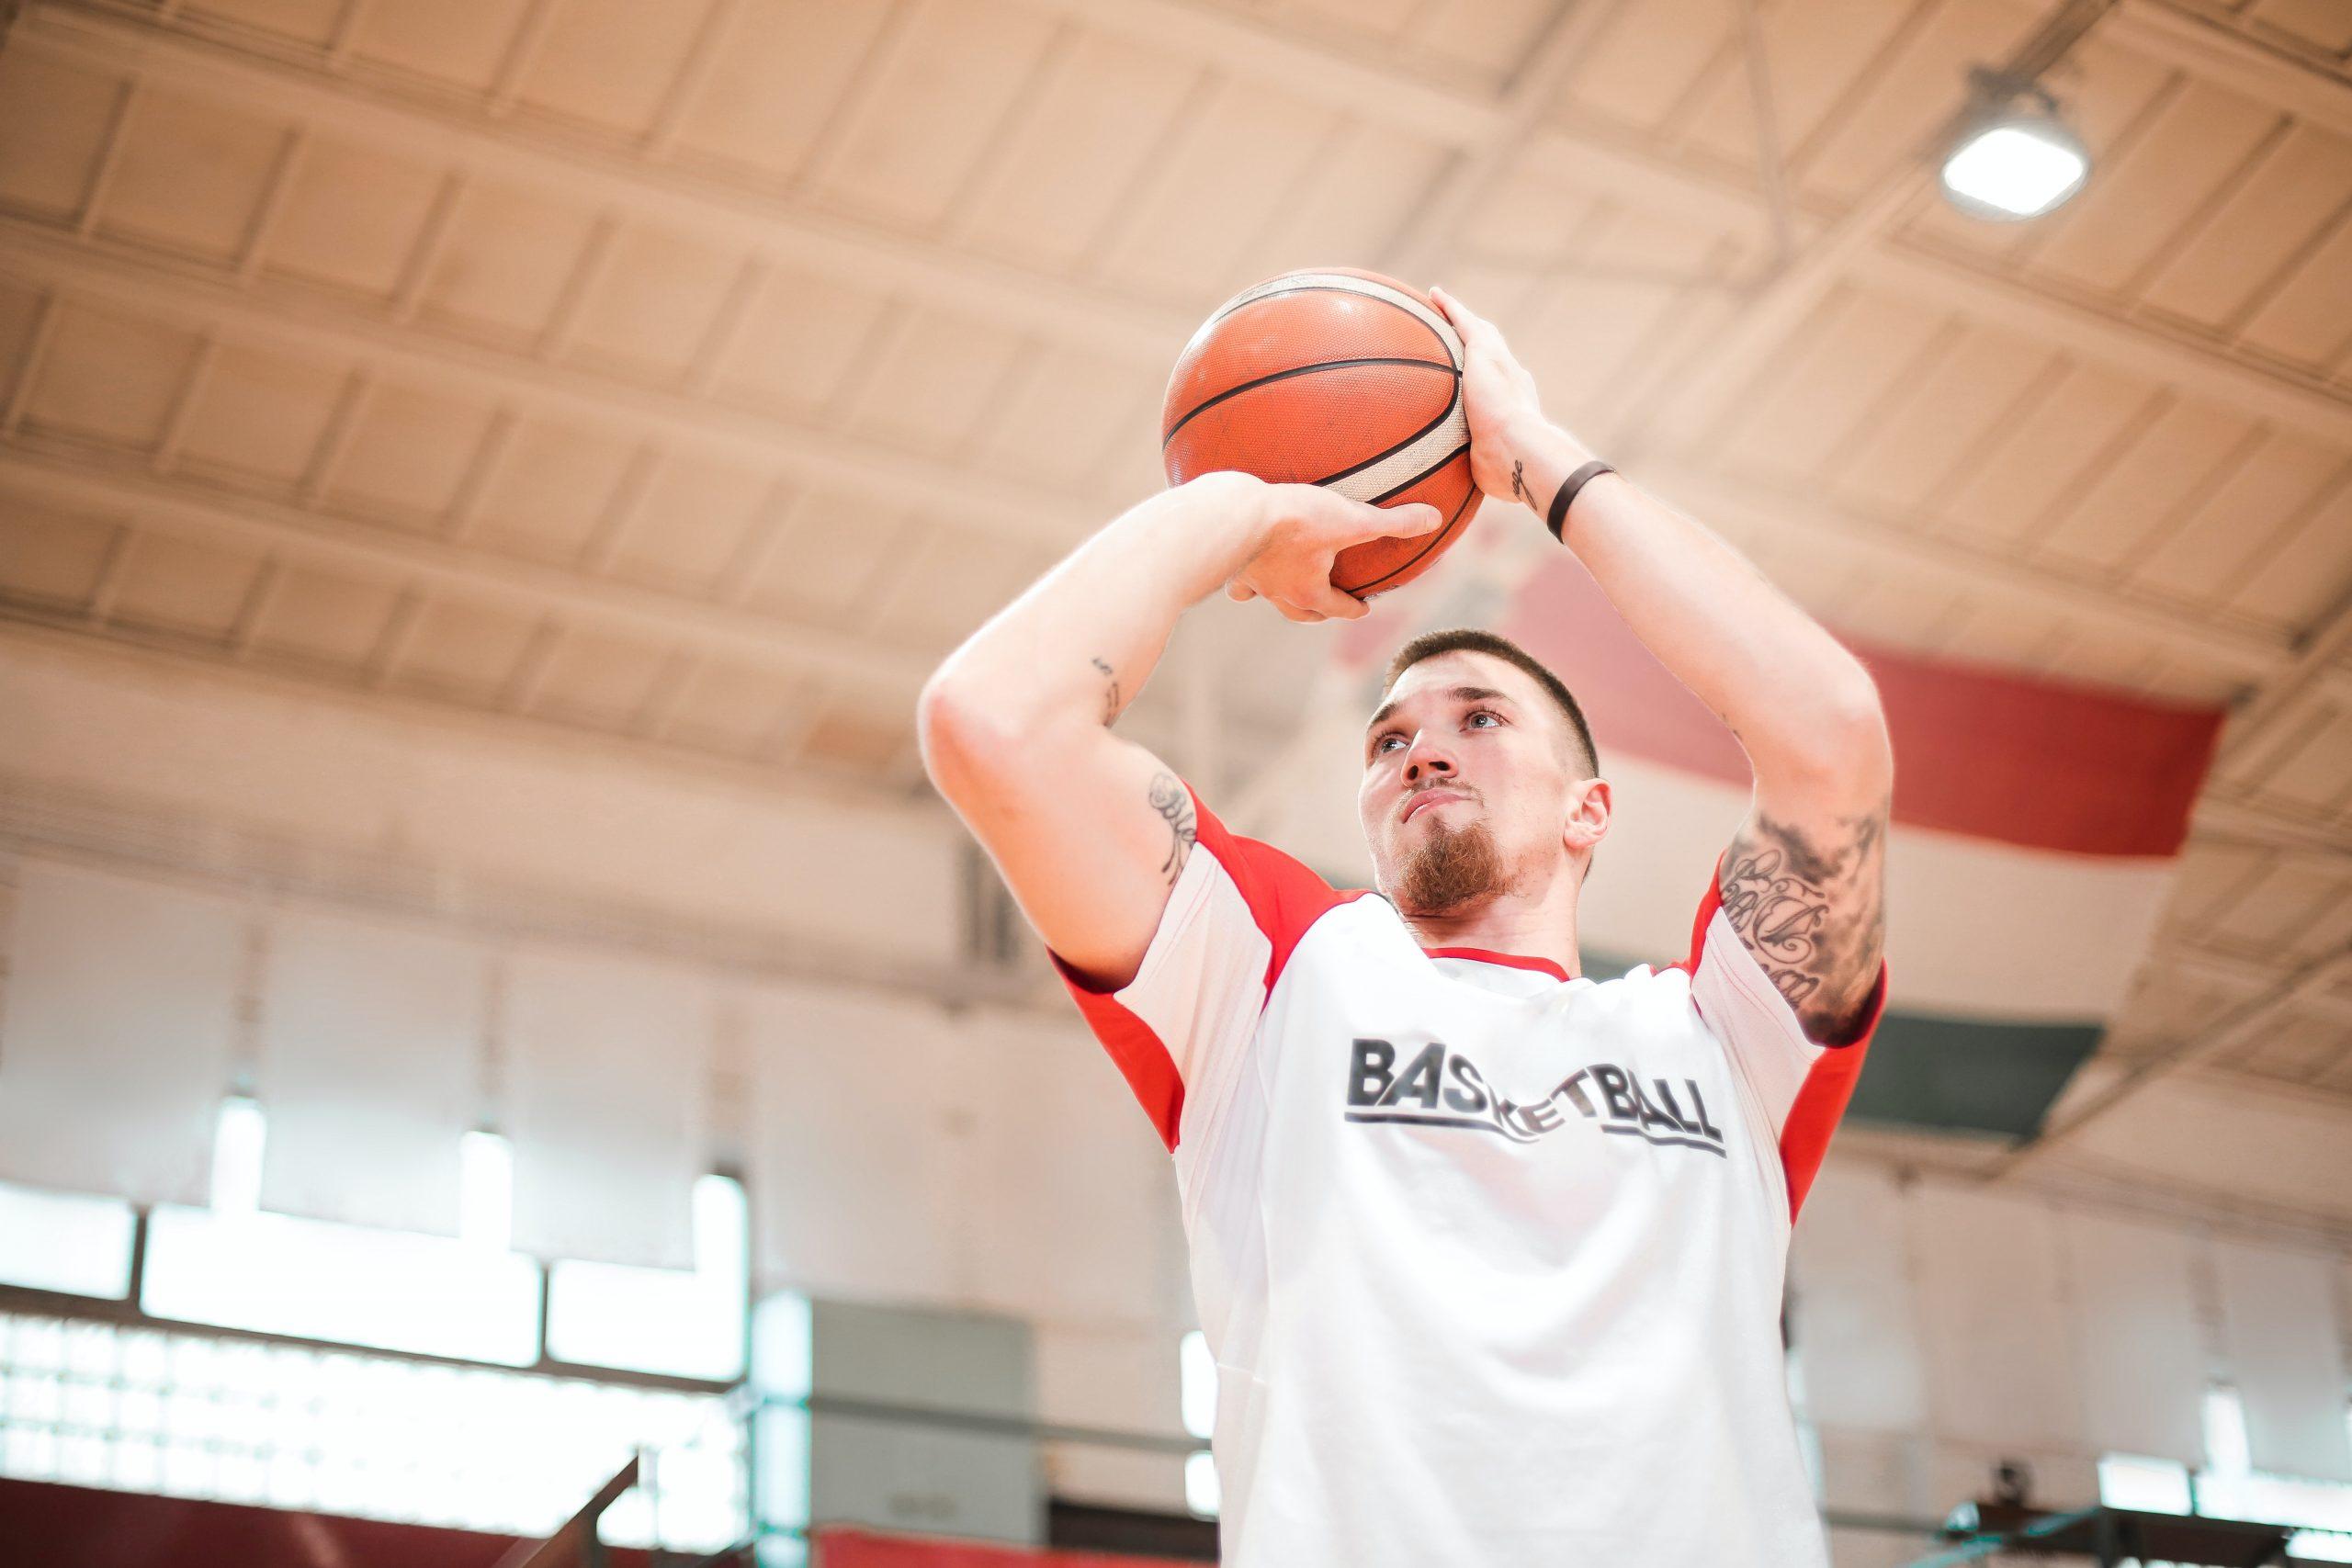 Imagem de um homem jogando basquete.